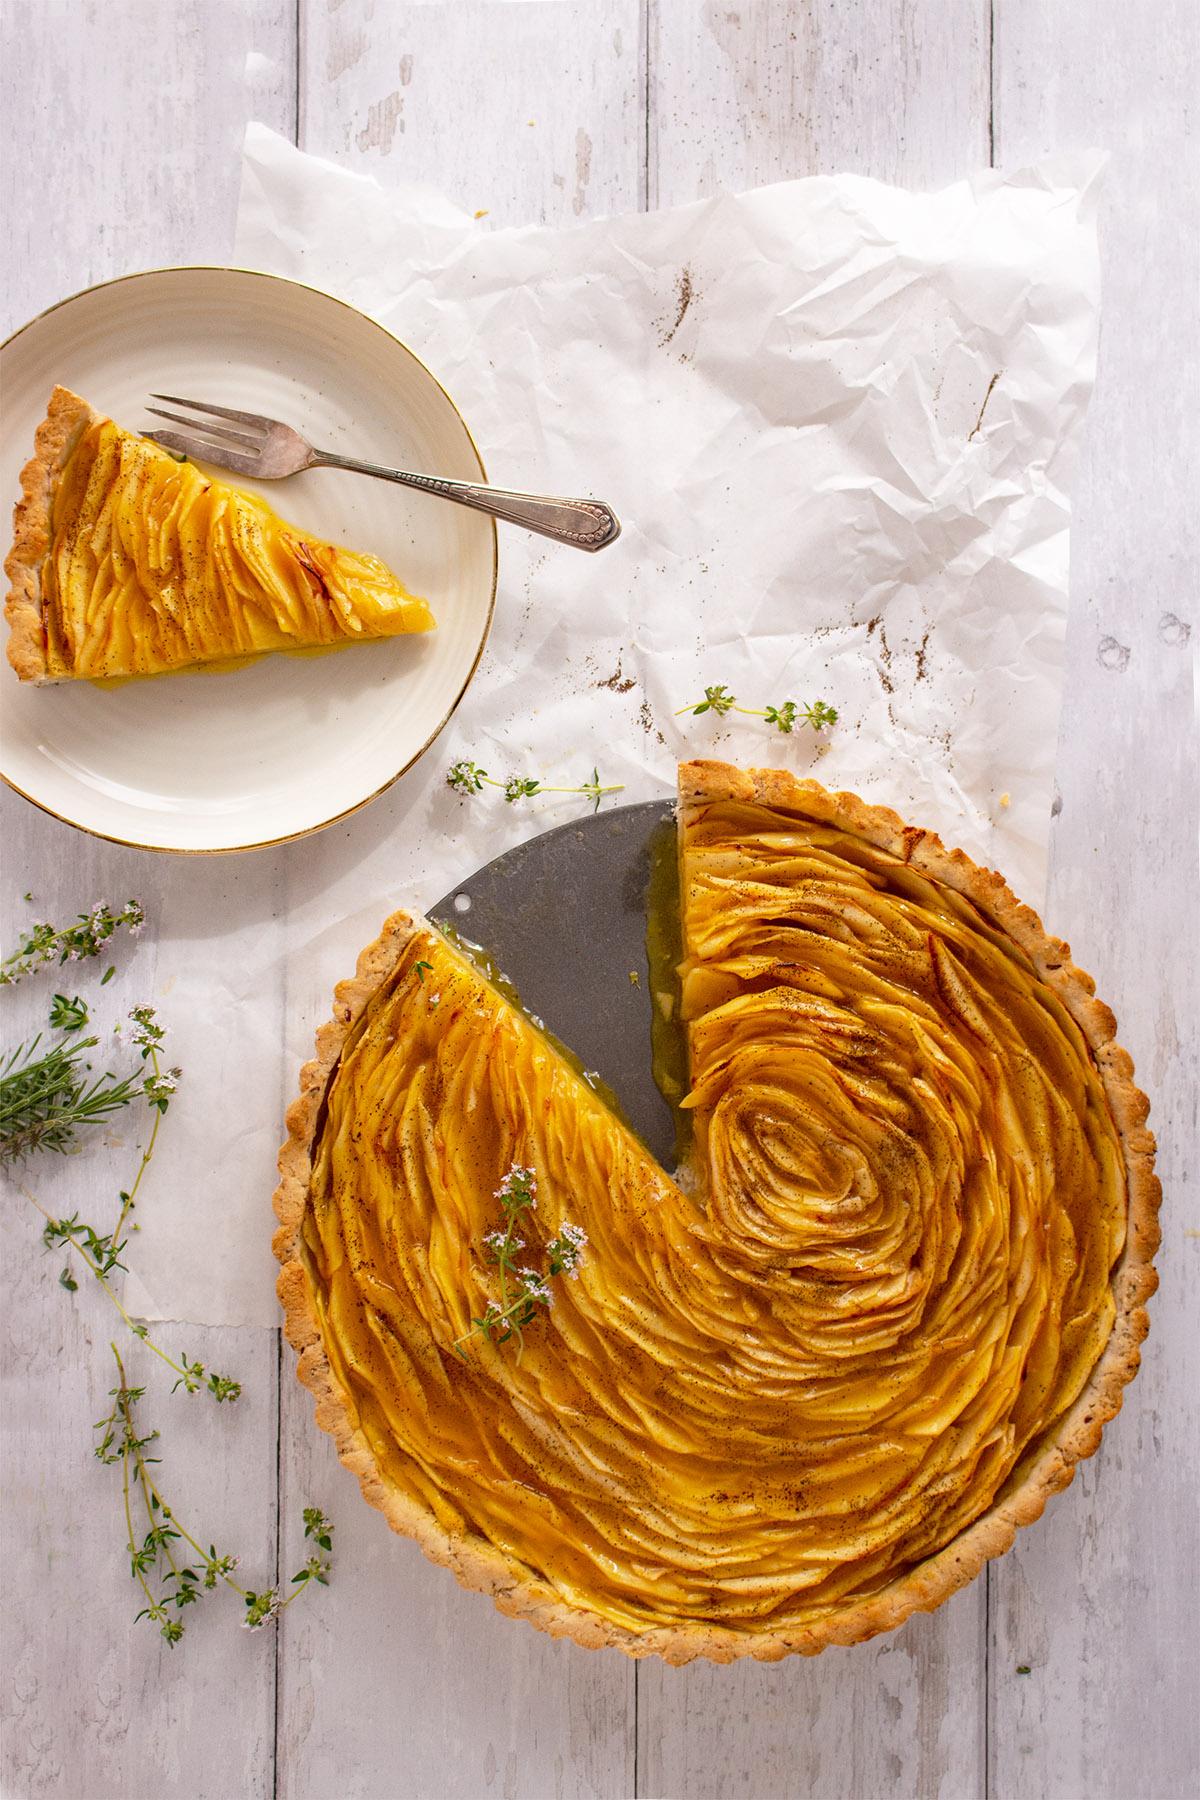 französische Apfeltarte, glutenfreier Apfelkuchen, gluten free apple cake, glutenfreier kuchen, tarte aux pommes sans glutene, French Apple Thyme Tart